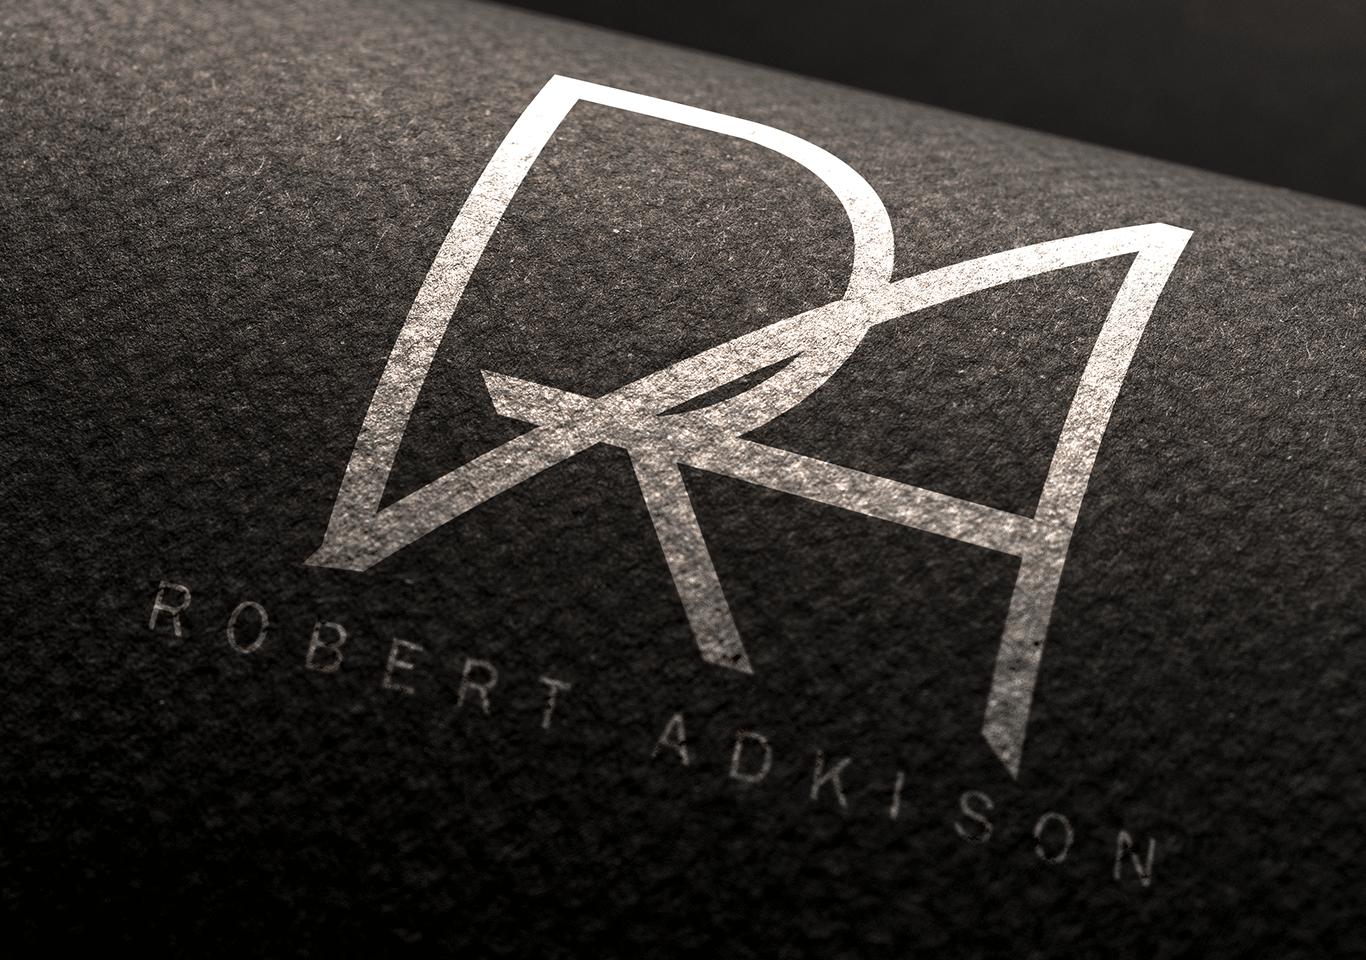 Robert Adkison Branding